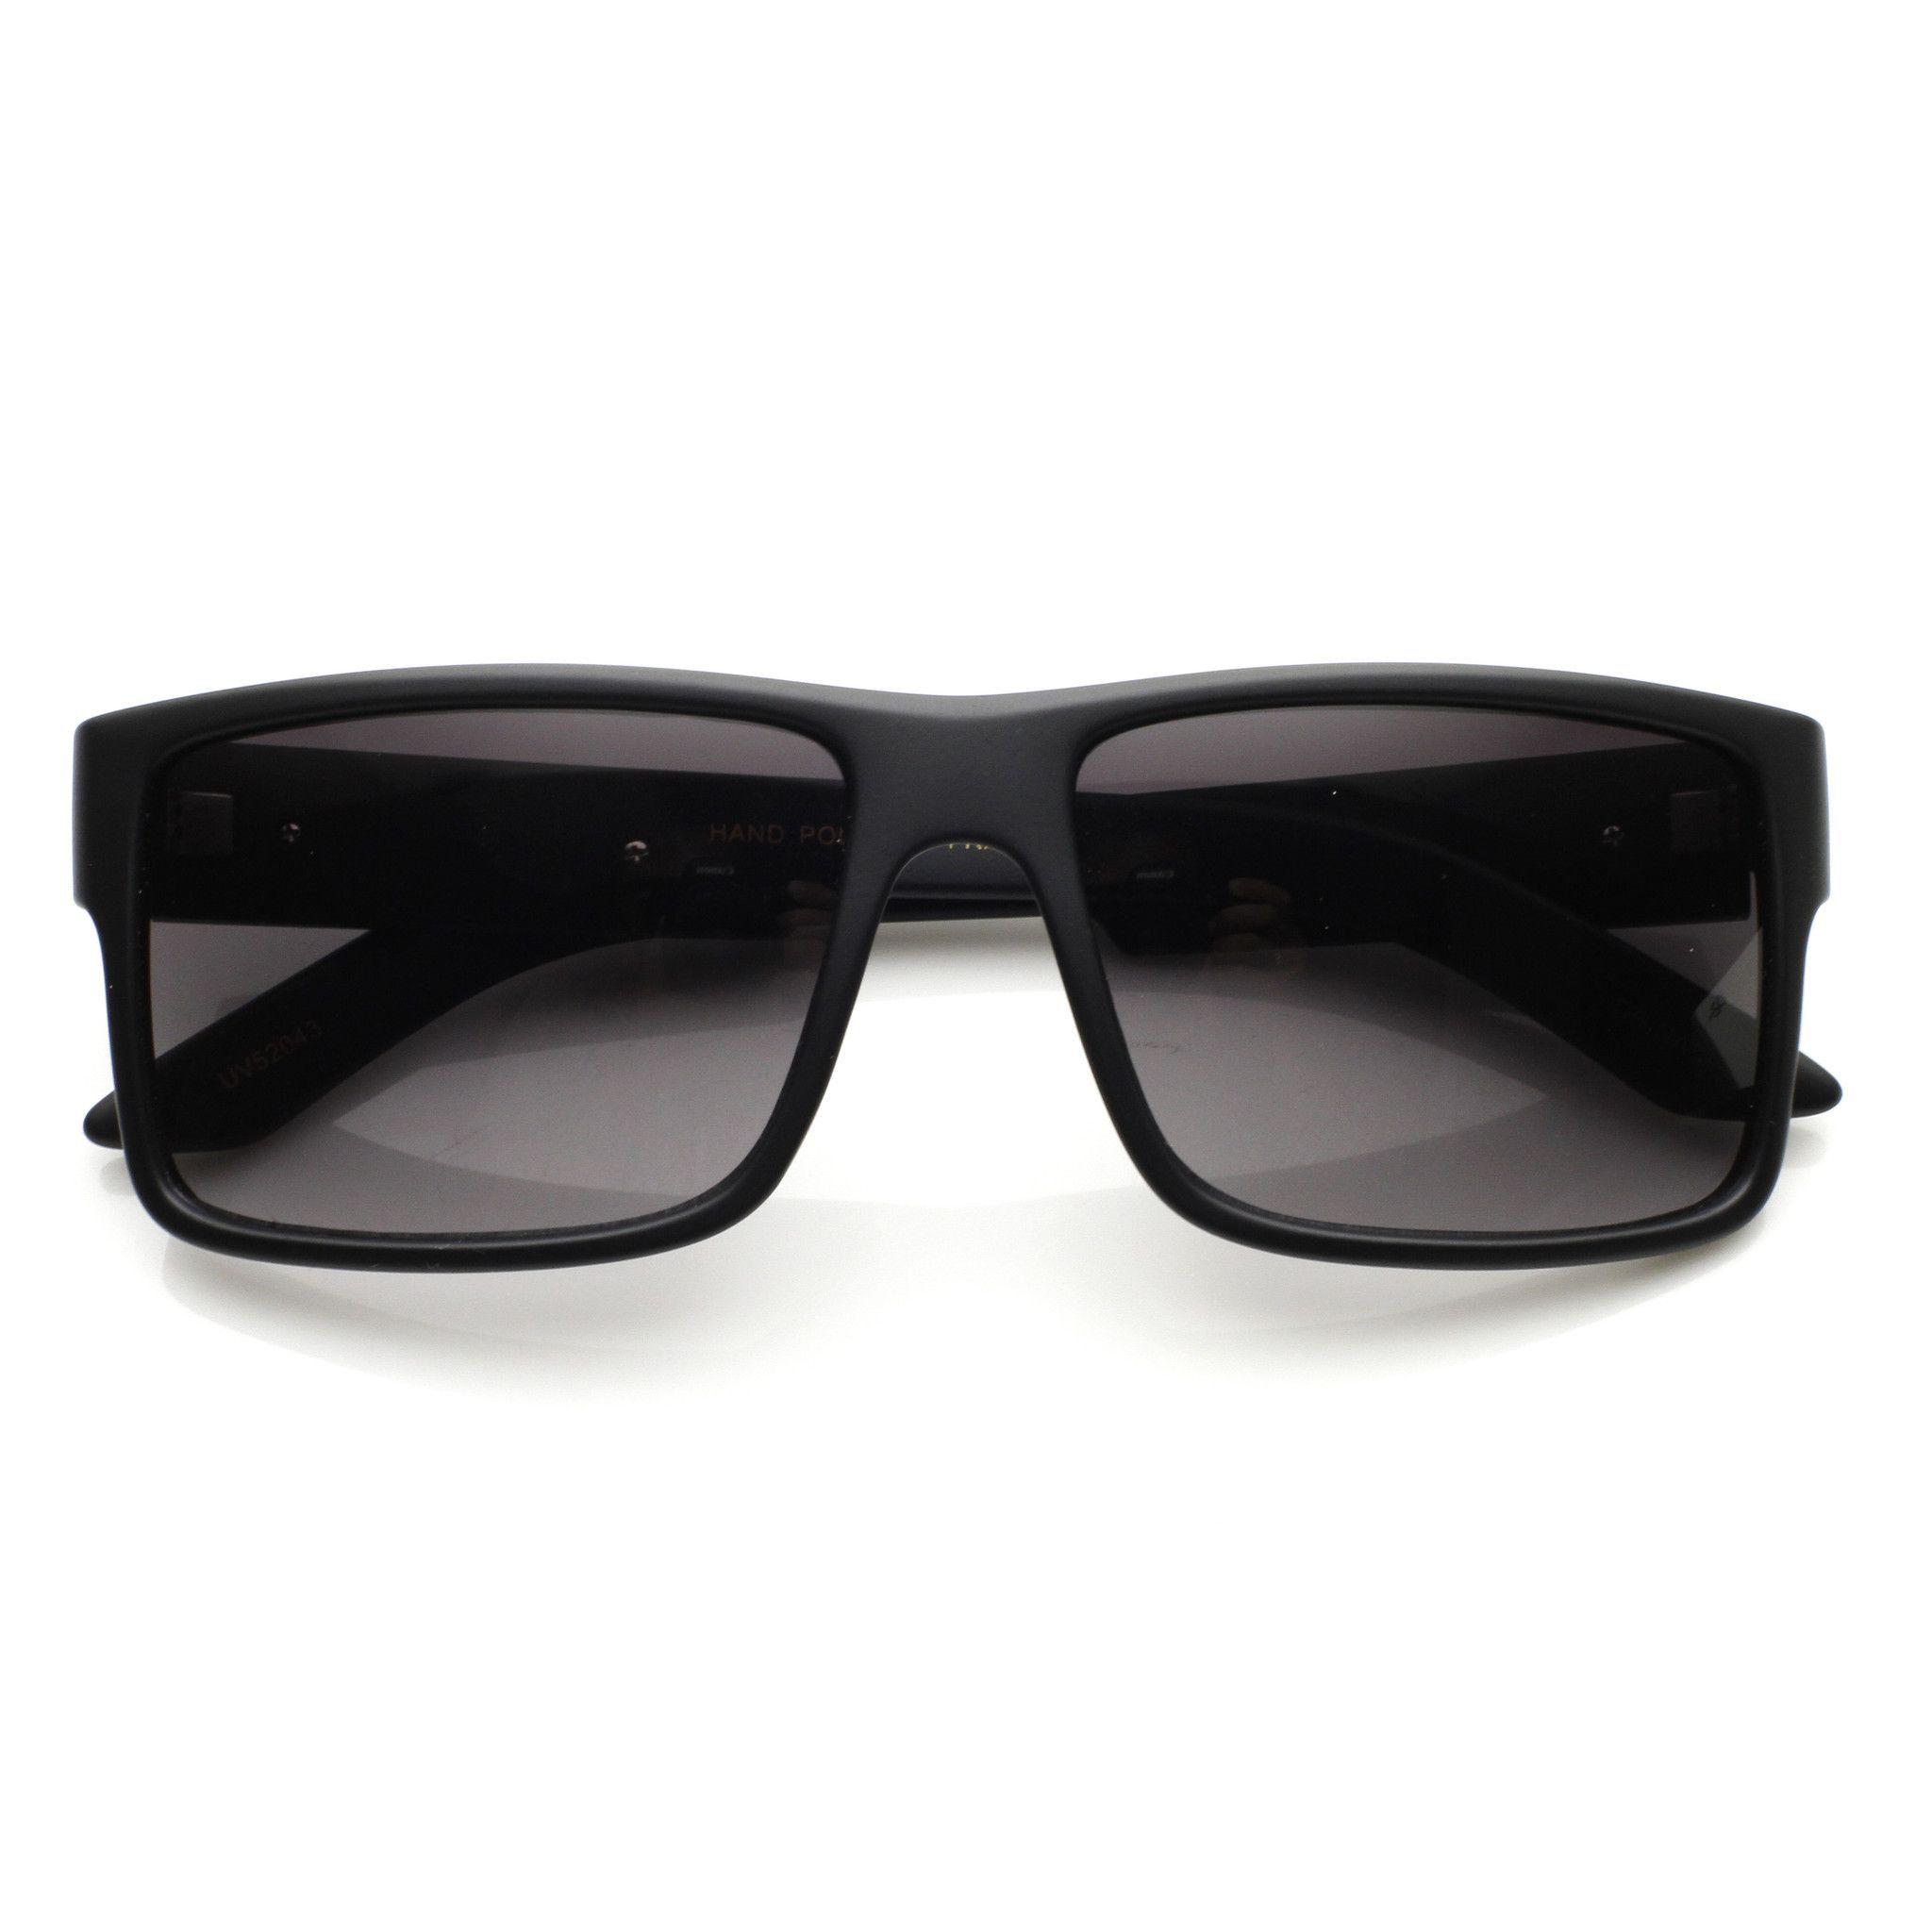 40e69ed321 Mens Premium Designer European Square Aviator Sunglasses 8866 | zeroUV